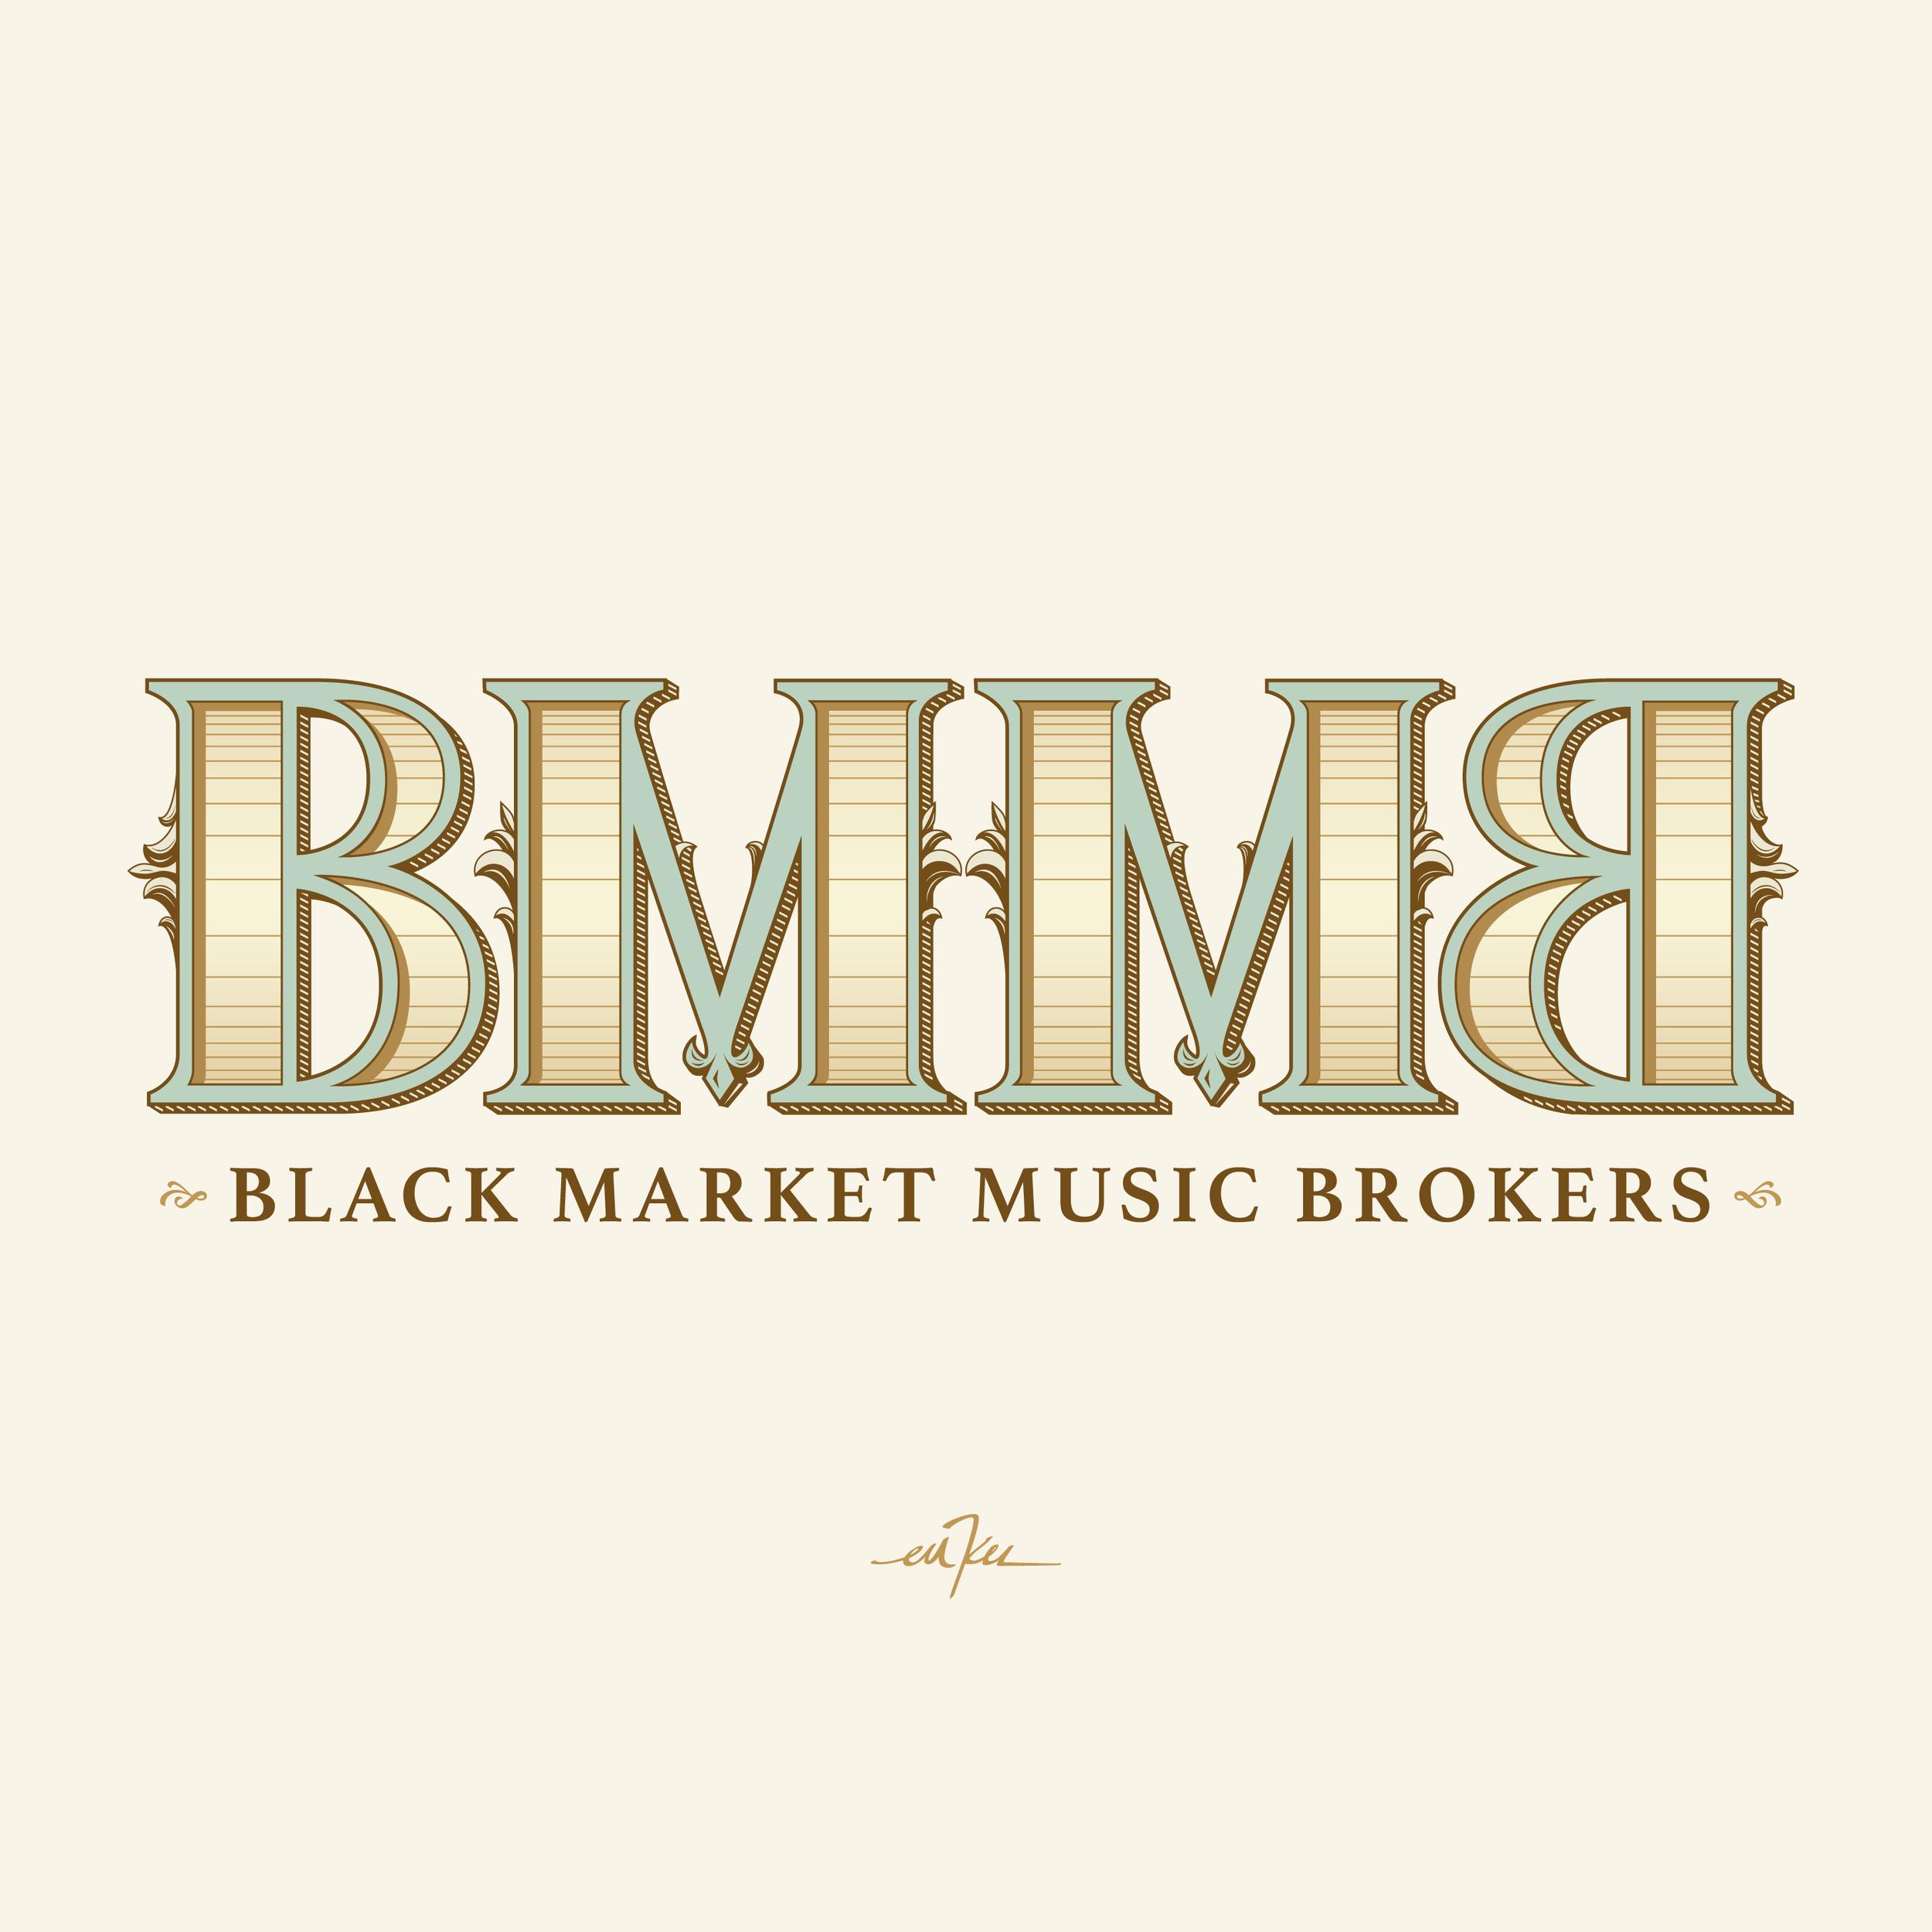 BMMB_logo_EMKEL.jpg